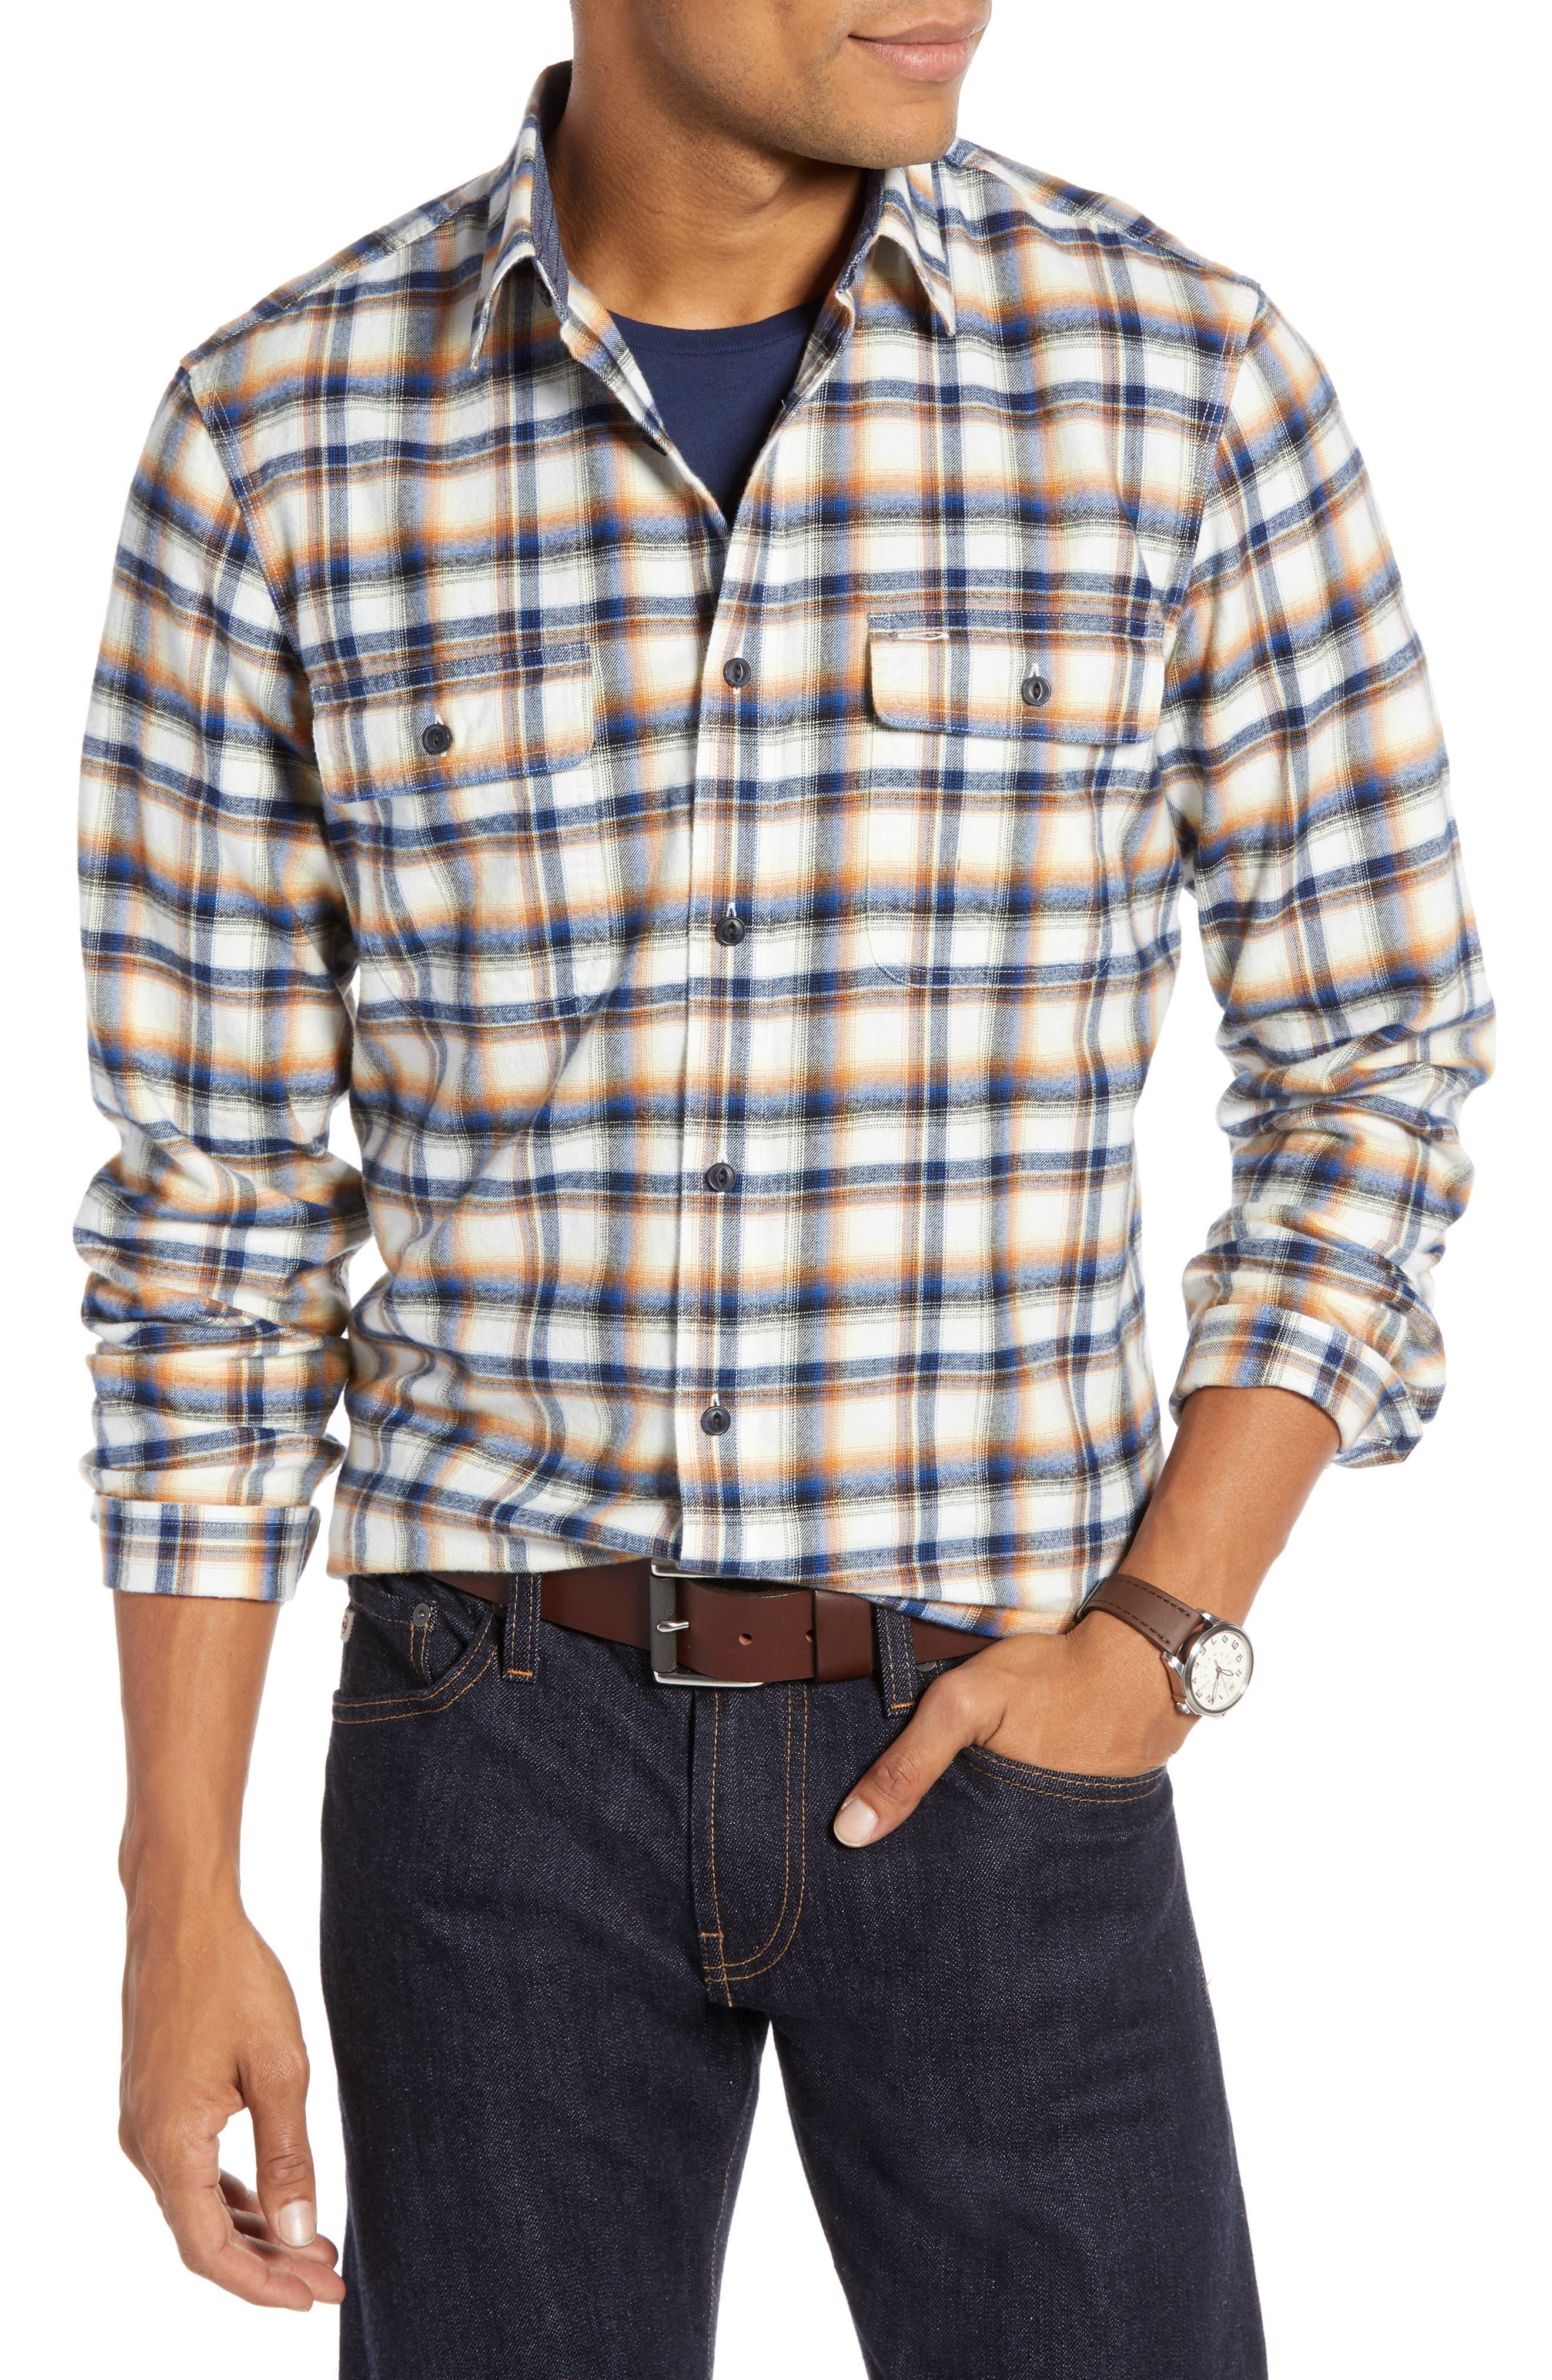 Trim Fit Trucker Plaid Sport Shirt,                         Main,                         color, IVORY BLUE ORANGE PLAID